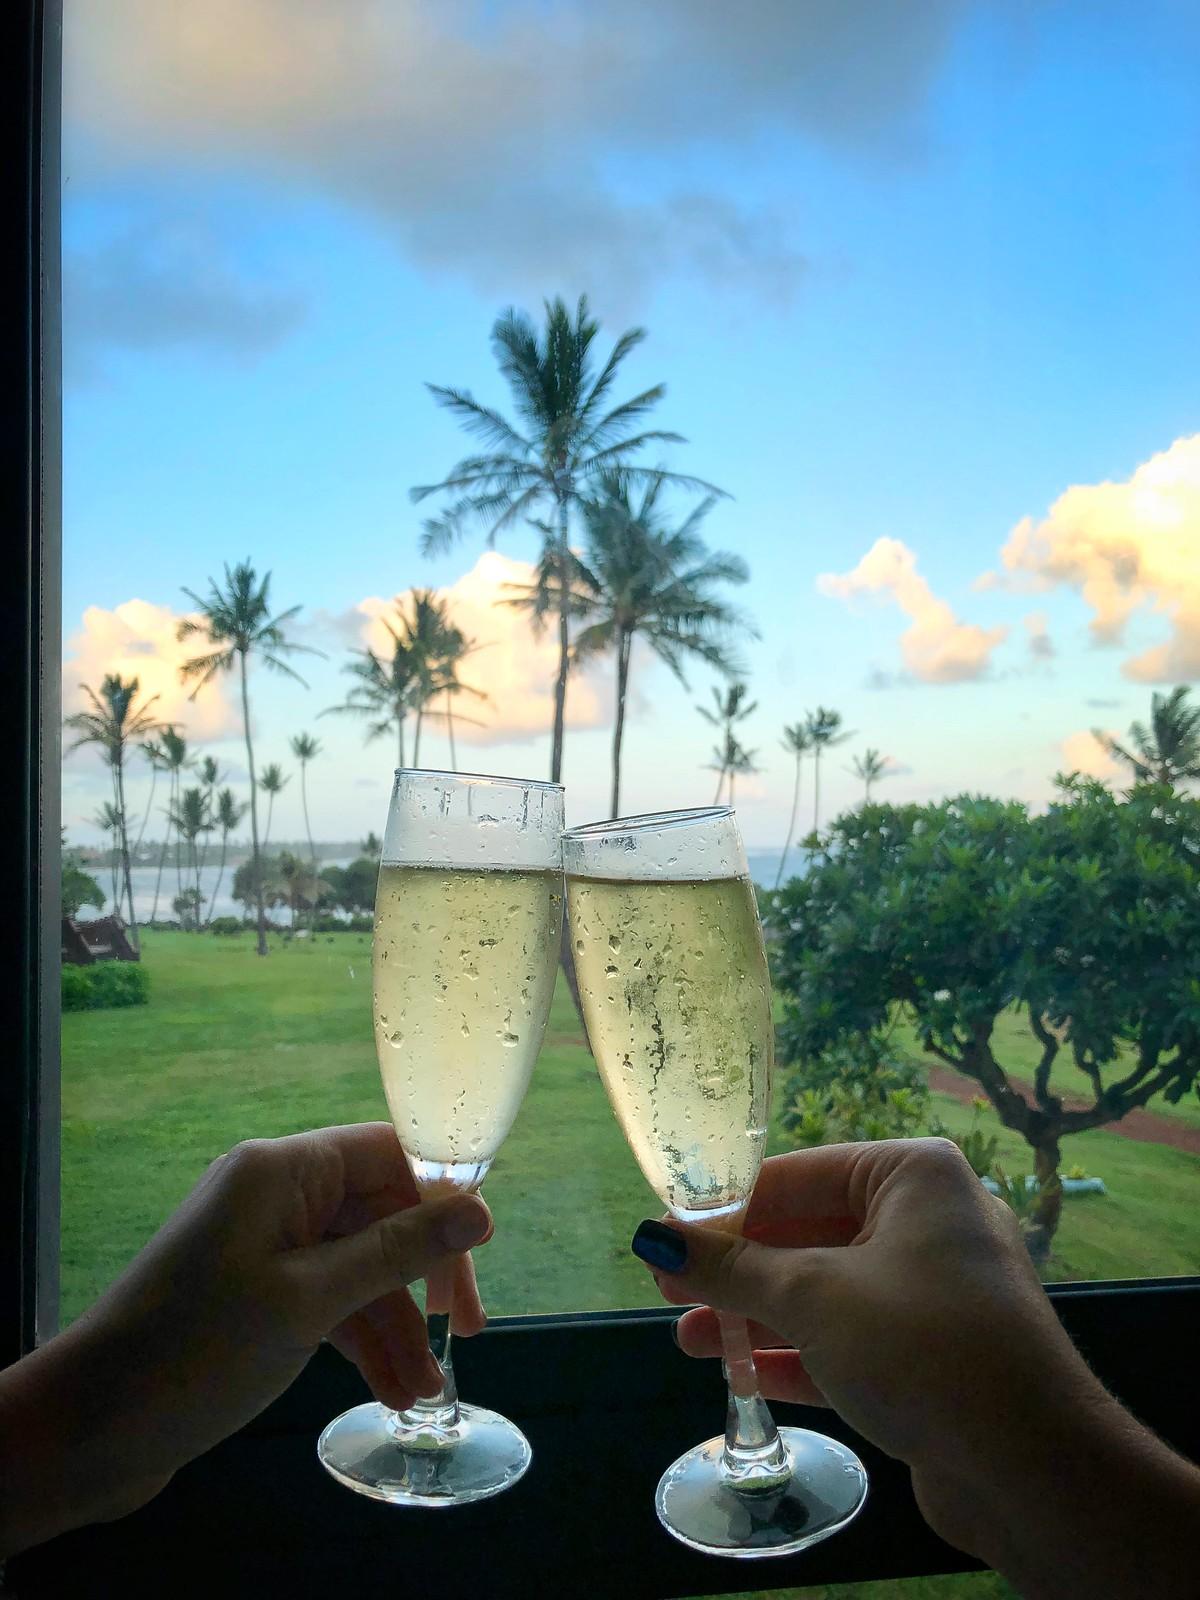 Hilton Garden Inn Kauai Wailua Bay Champagne Cheers